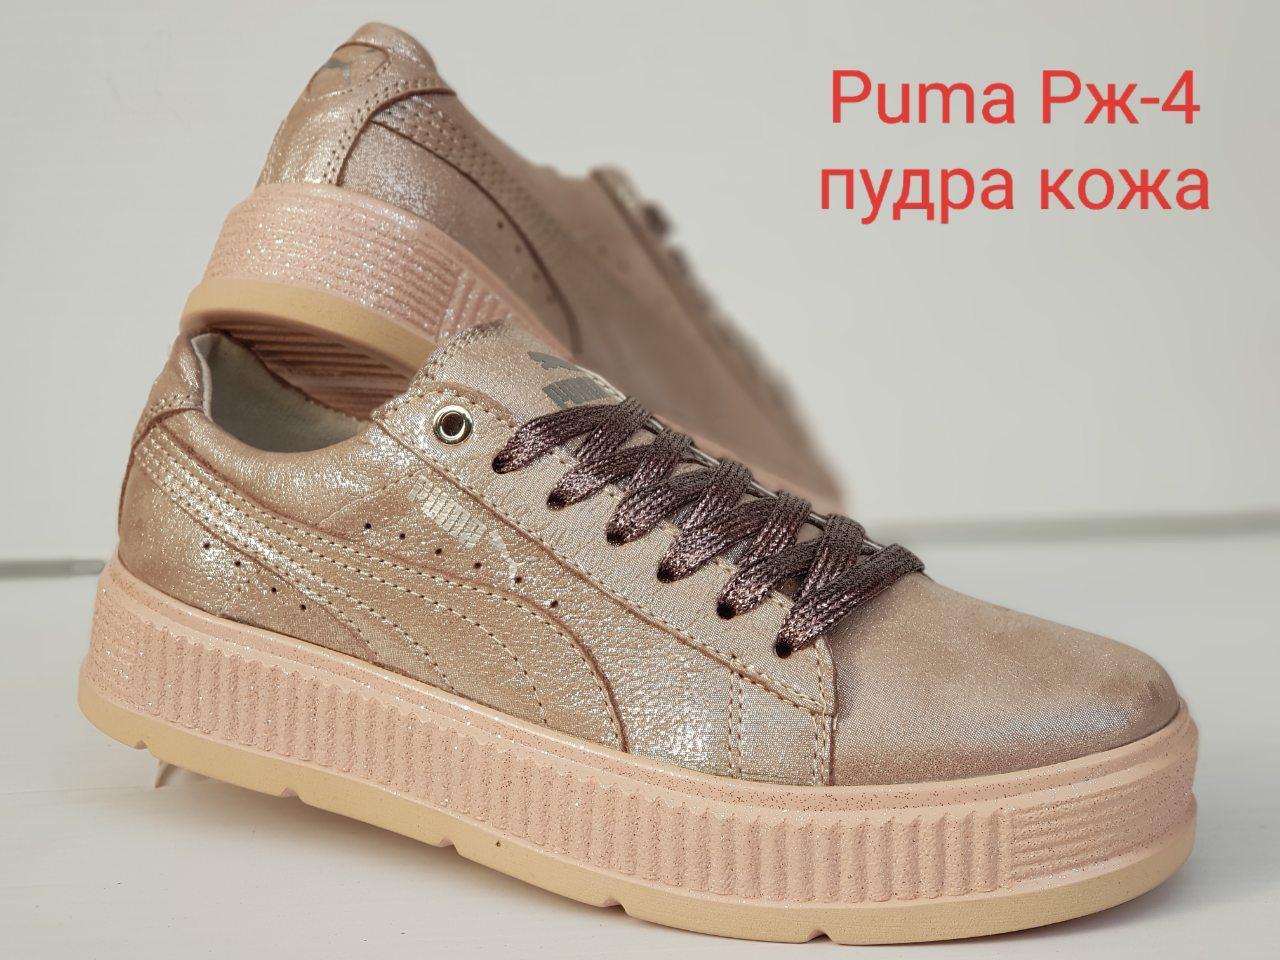 Кроссовки в стиле Puma Рж-4 пудра